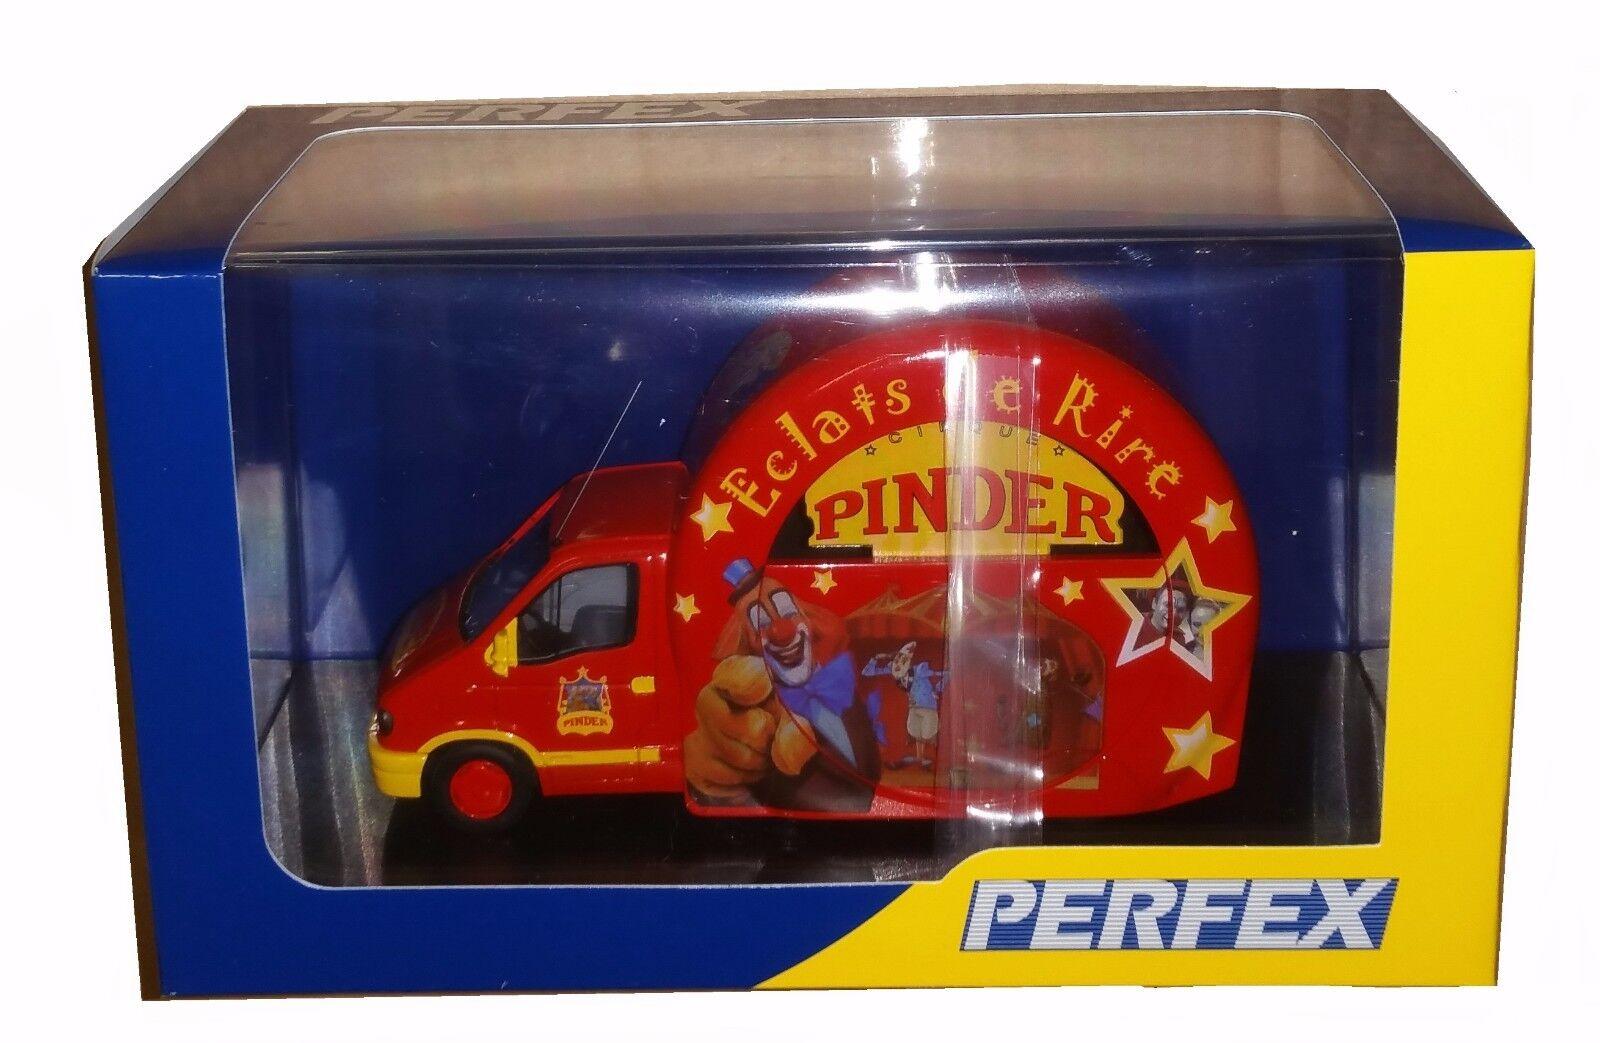 Miniature de Collection RENAULT MASTER CIRQUE PINDER Éclats de Rire 1/43